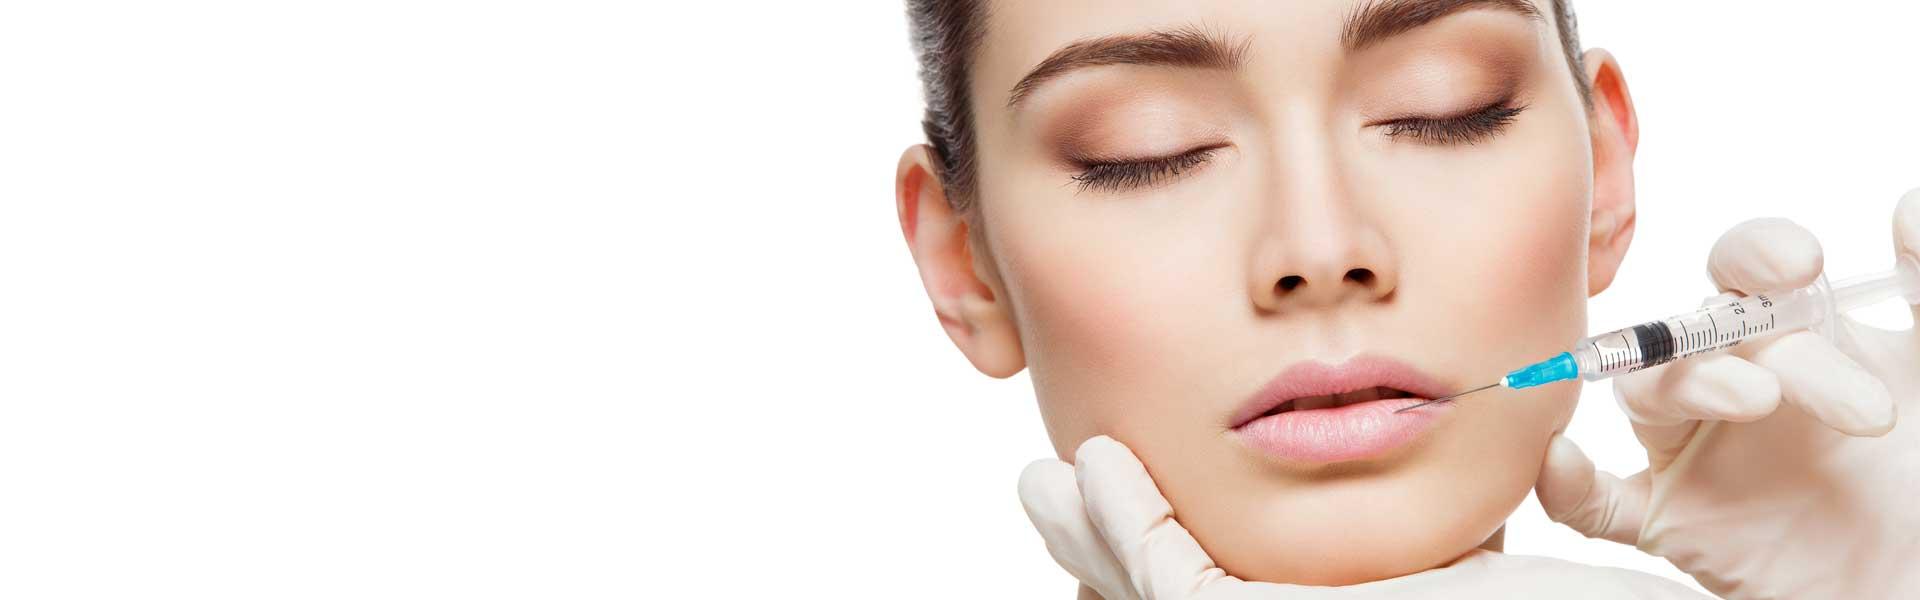 Les injections d'acide hyaluronique pour les lèvres à Paris - Dr Nguyen